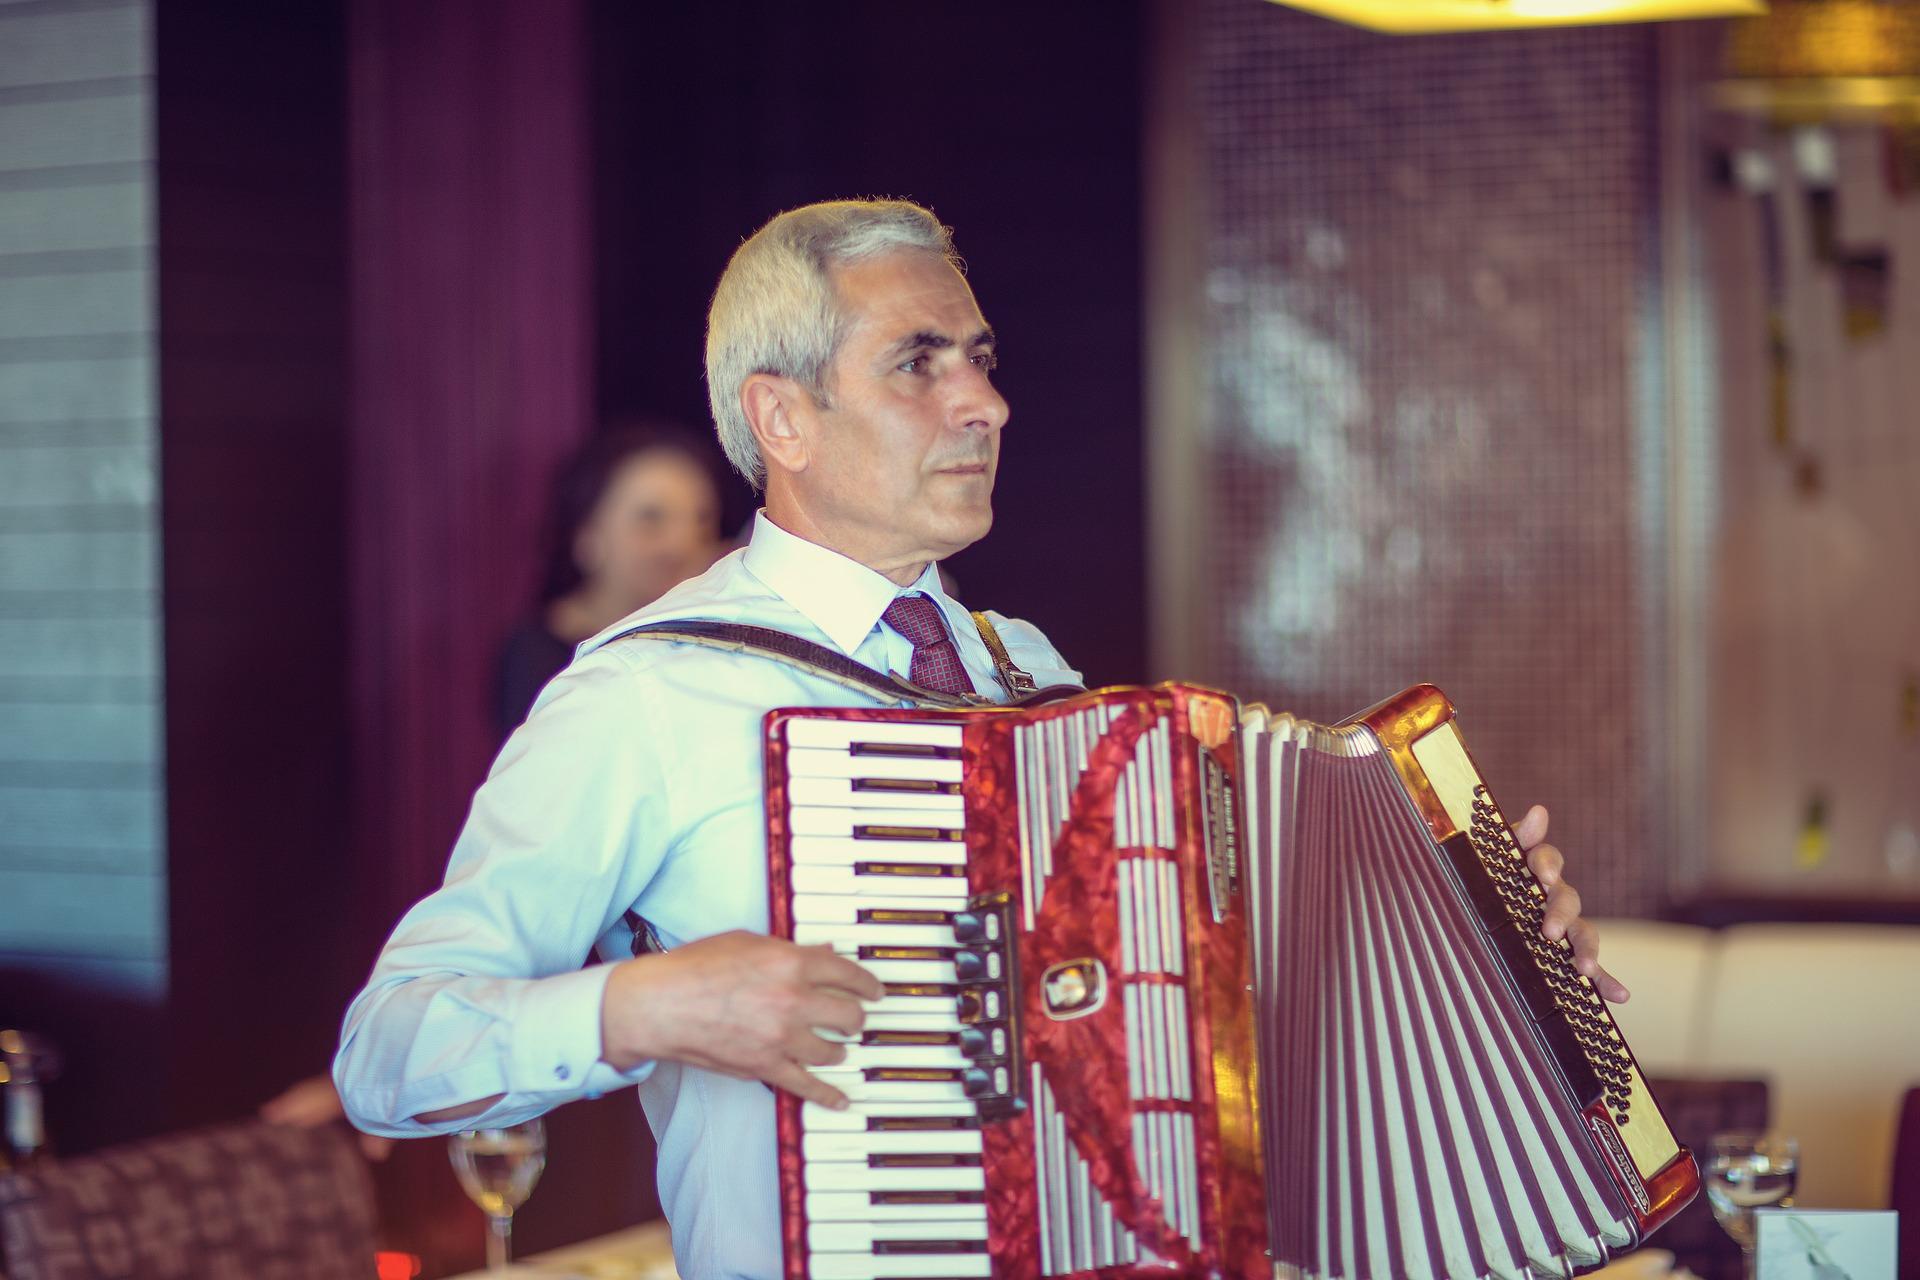 Homem grisalho com terno e gravata tocando um acordeon vermelho. Ao fundo, mostra o que parece um restaurante desfocado.